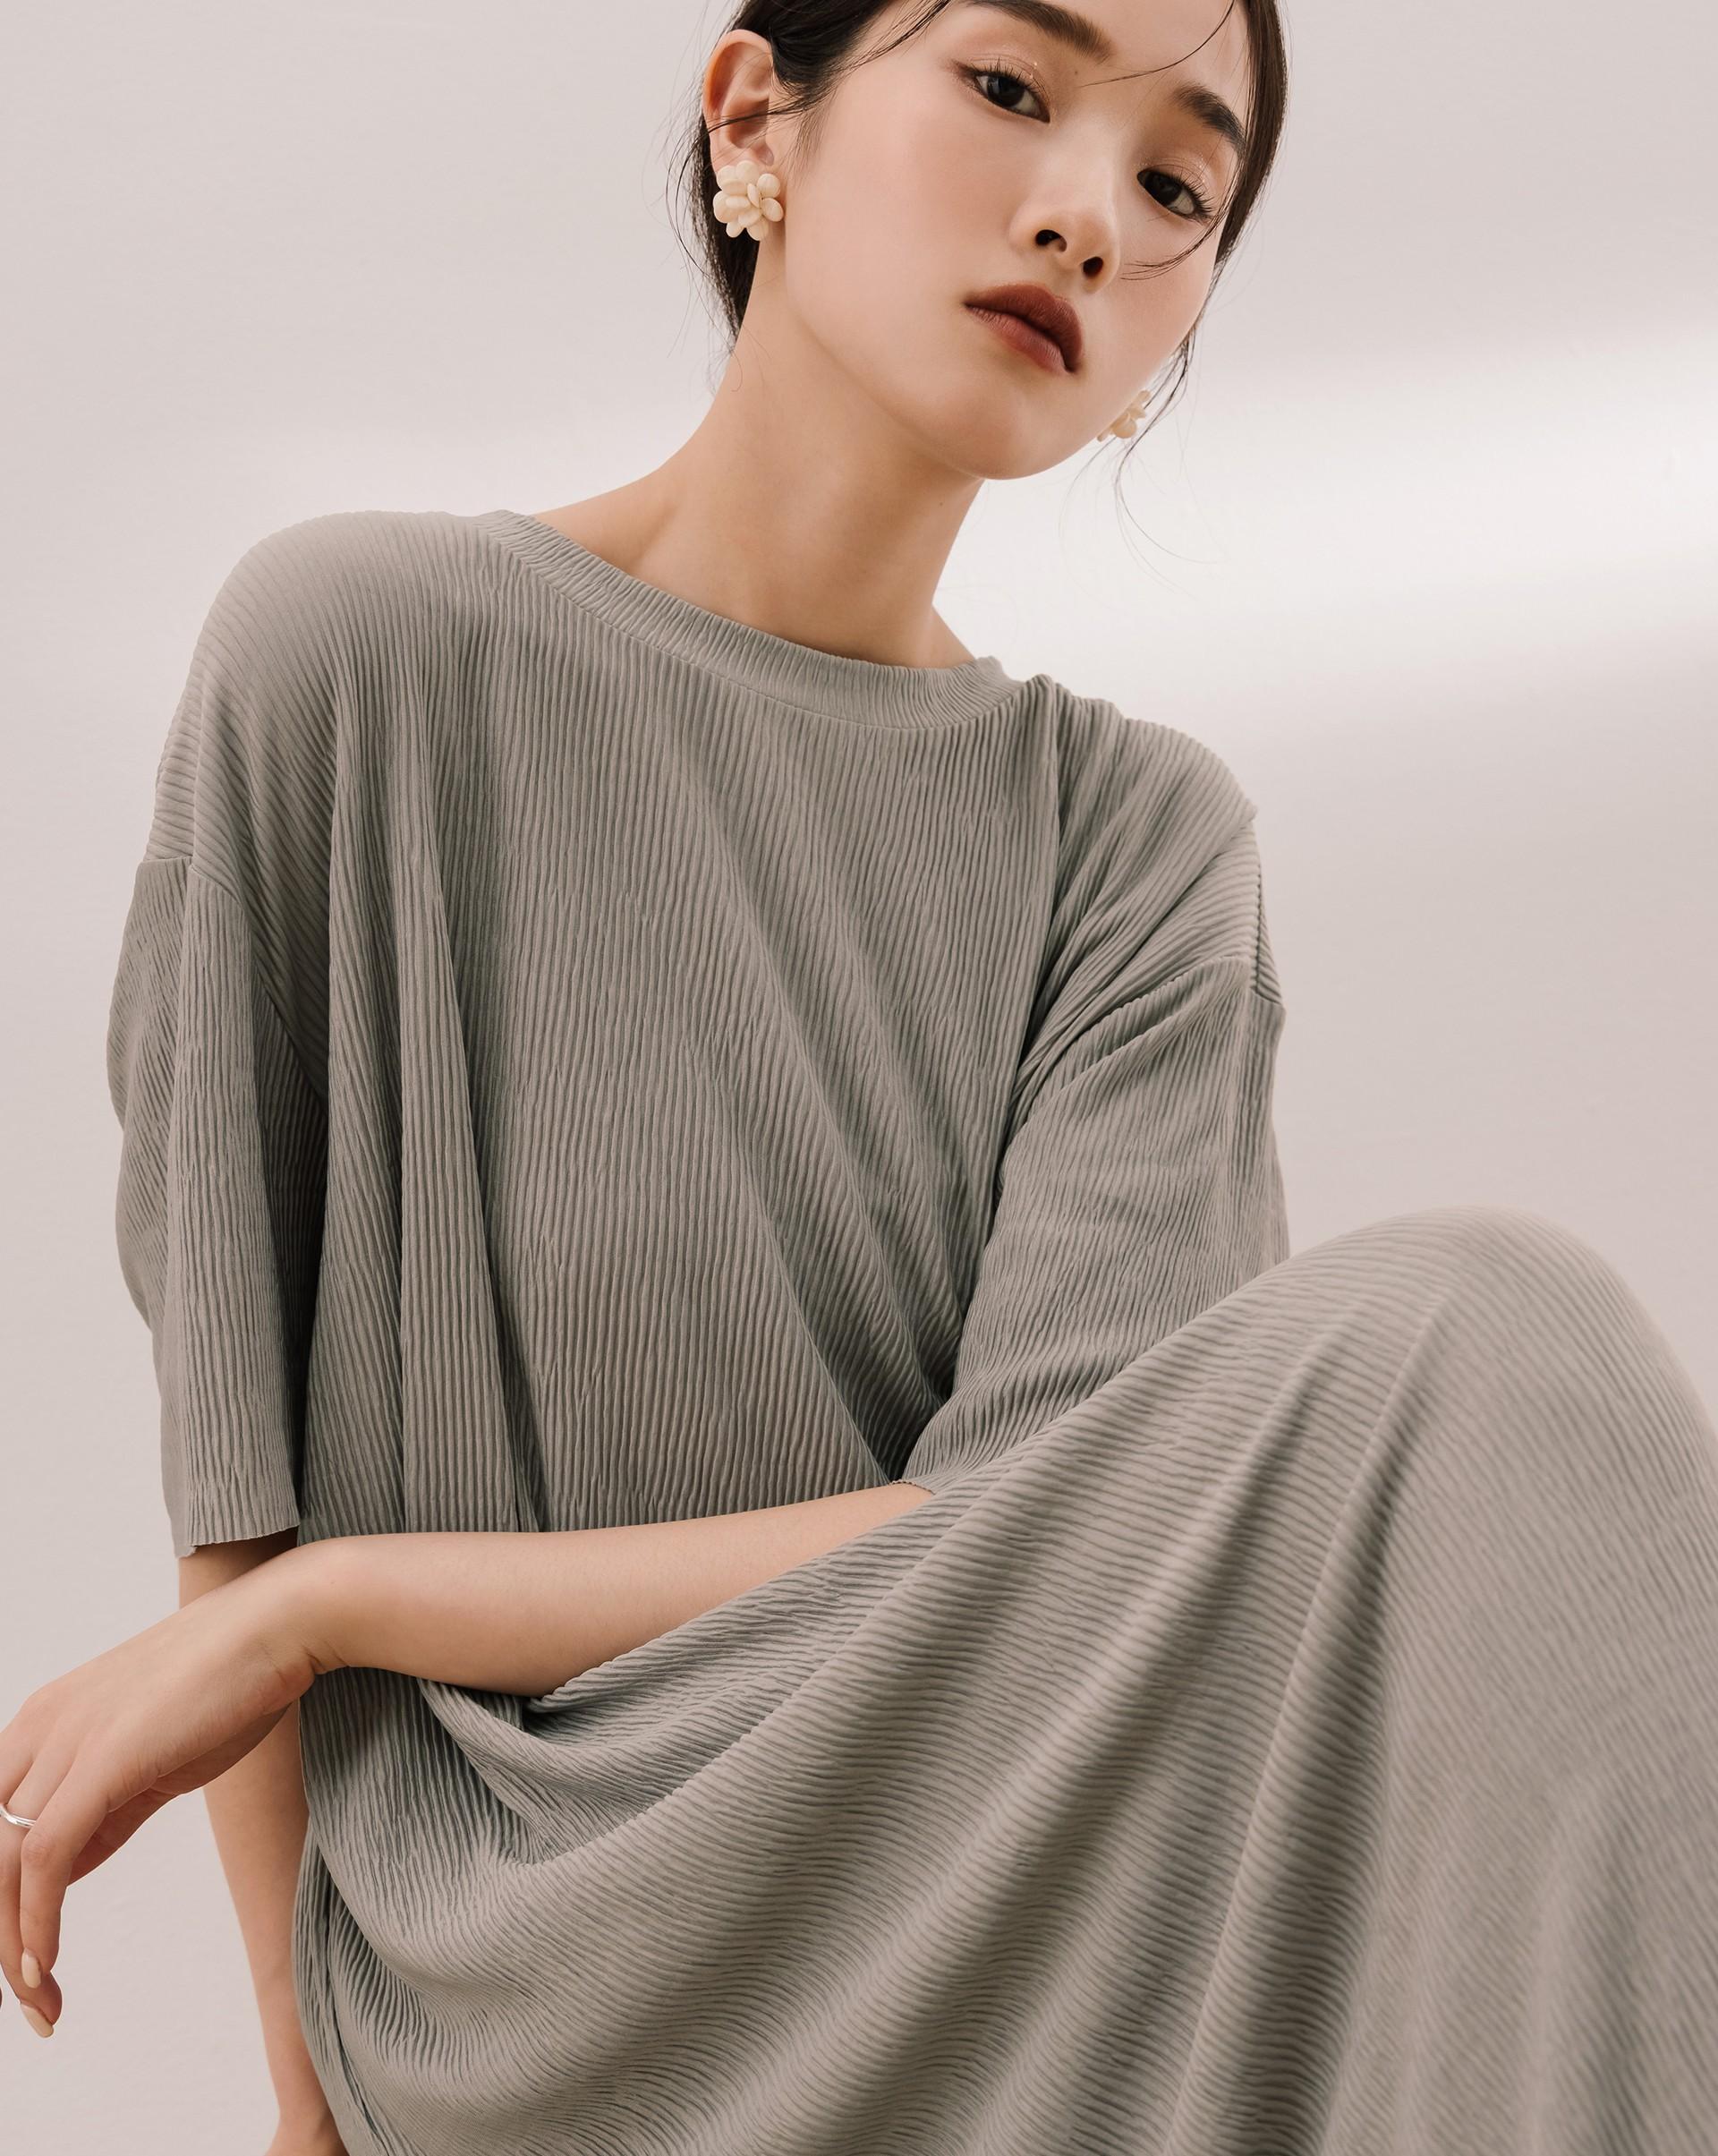 細褶長版短袖洋裝-Meierq